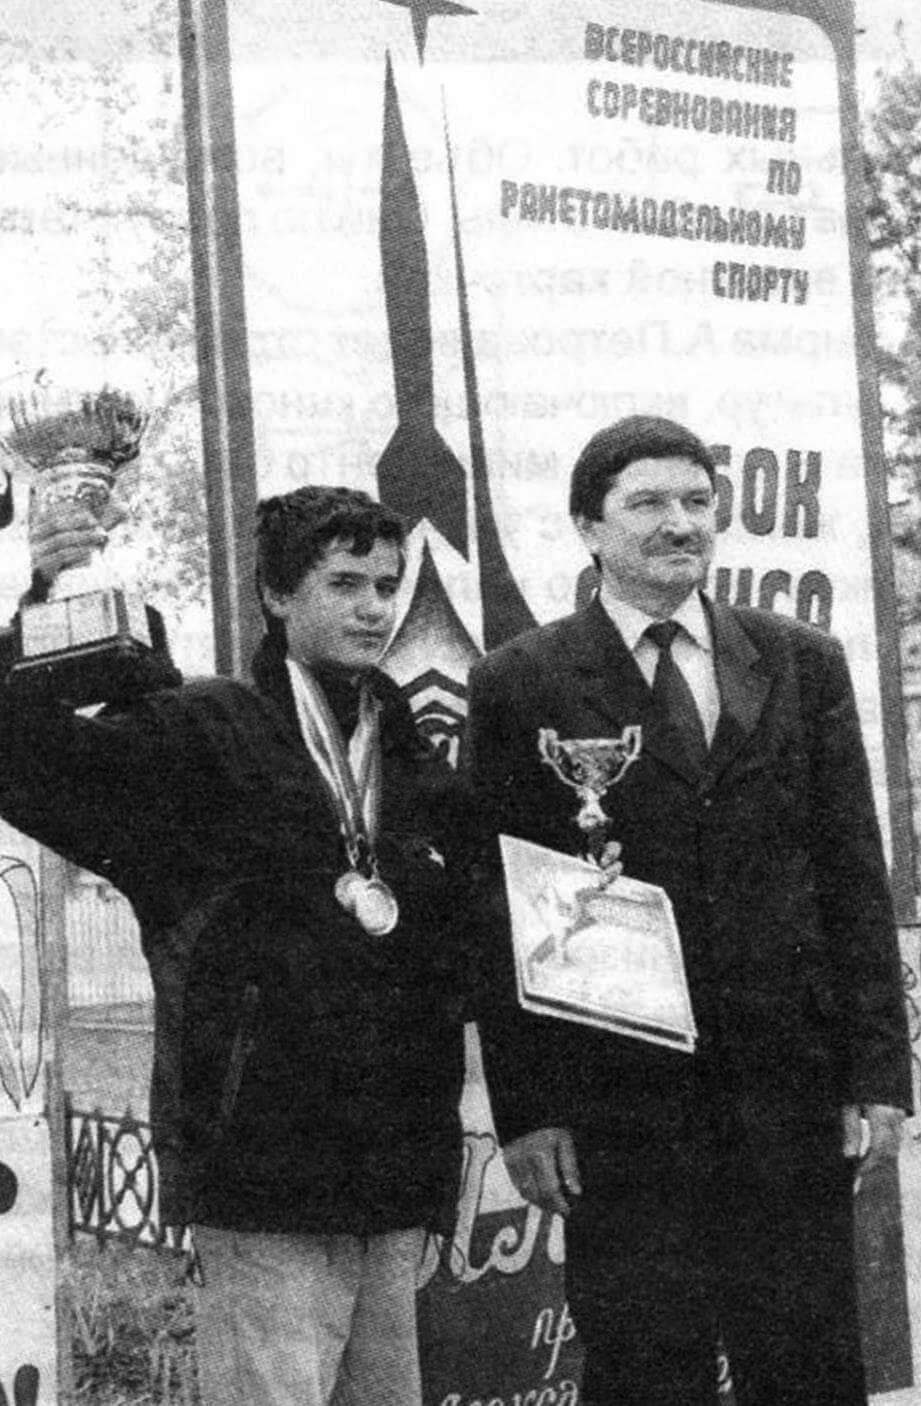 Обладатель Кубка «Алекса» 2002 г. В.Пиро-гов (г. Югорск) и главный инженер фирмы «Алекс» М.Сайфутдинов